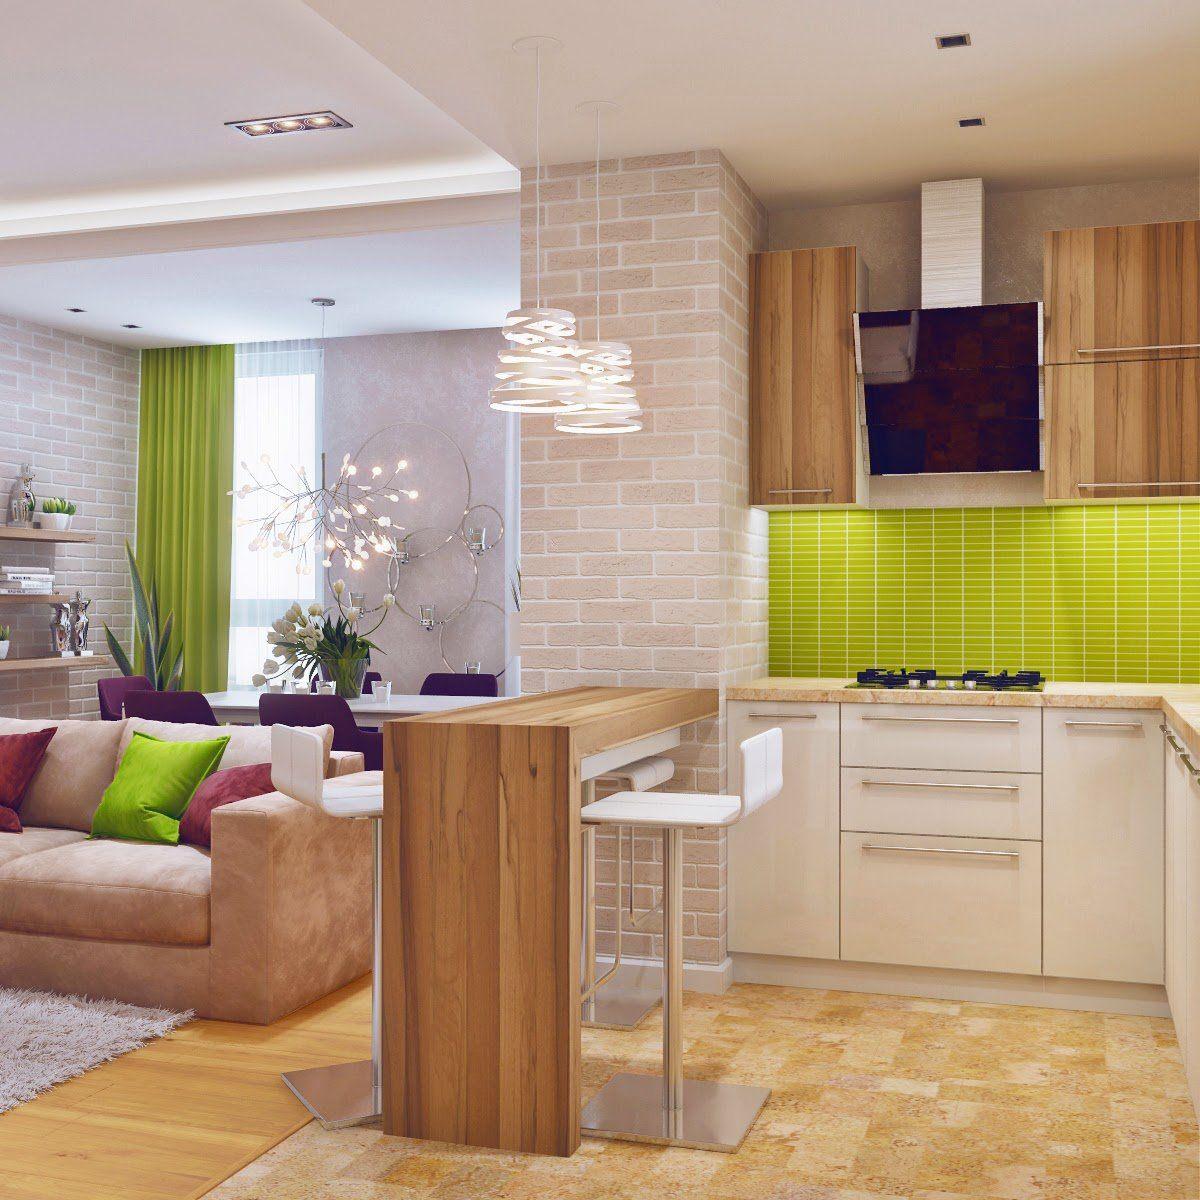 Комната студия с кухонной зоной фото фотозону